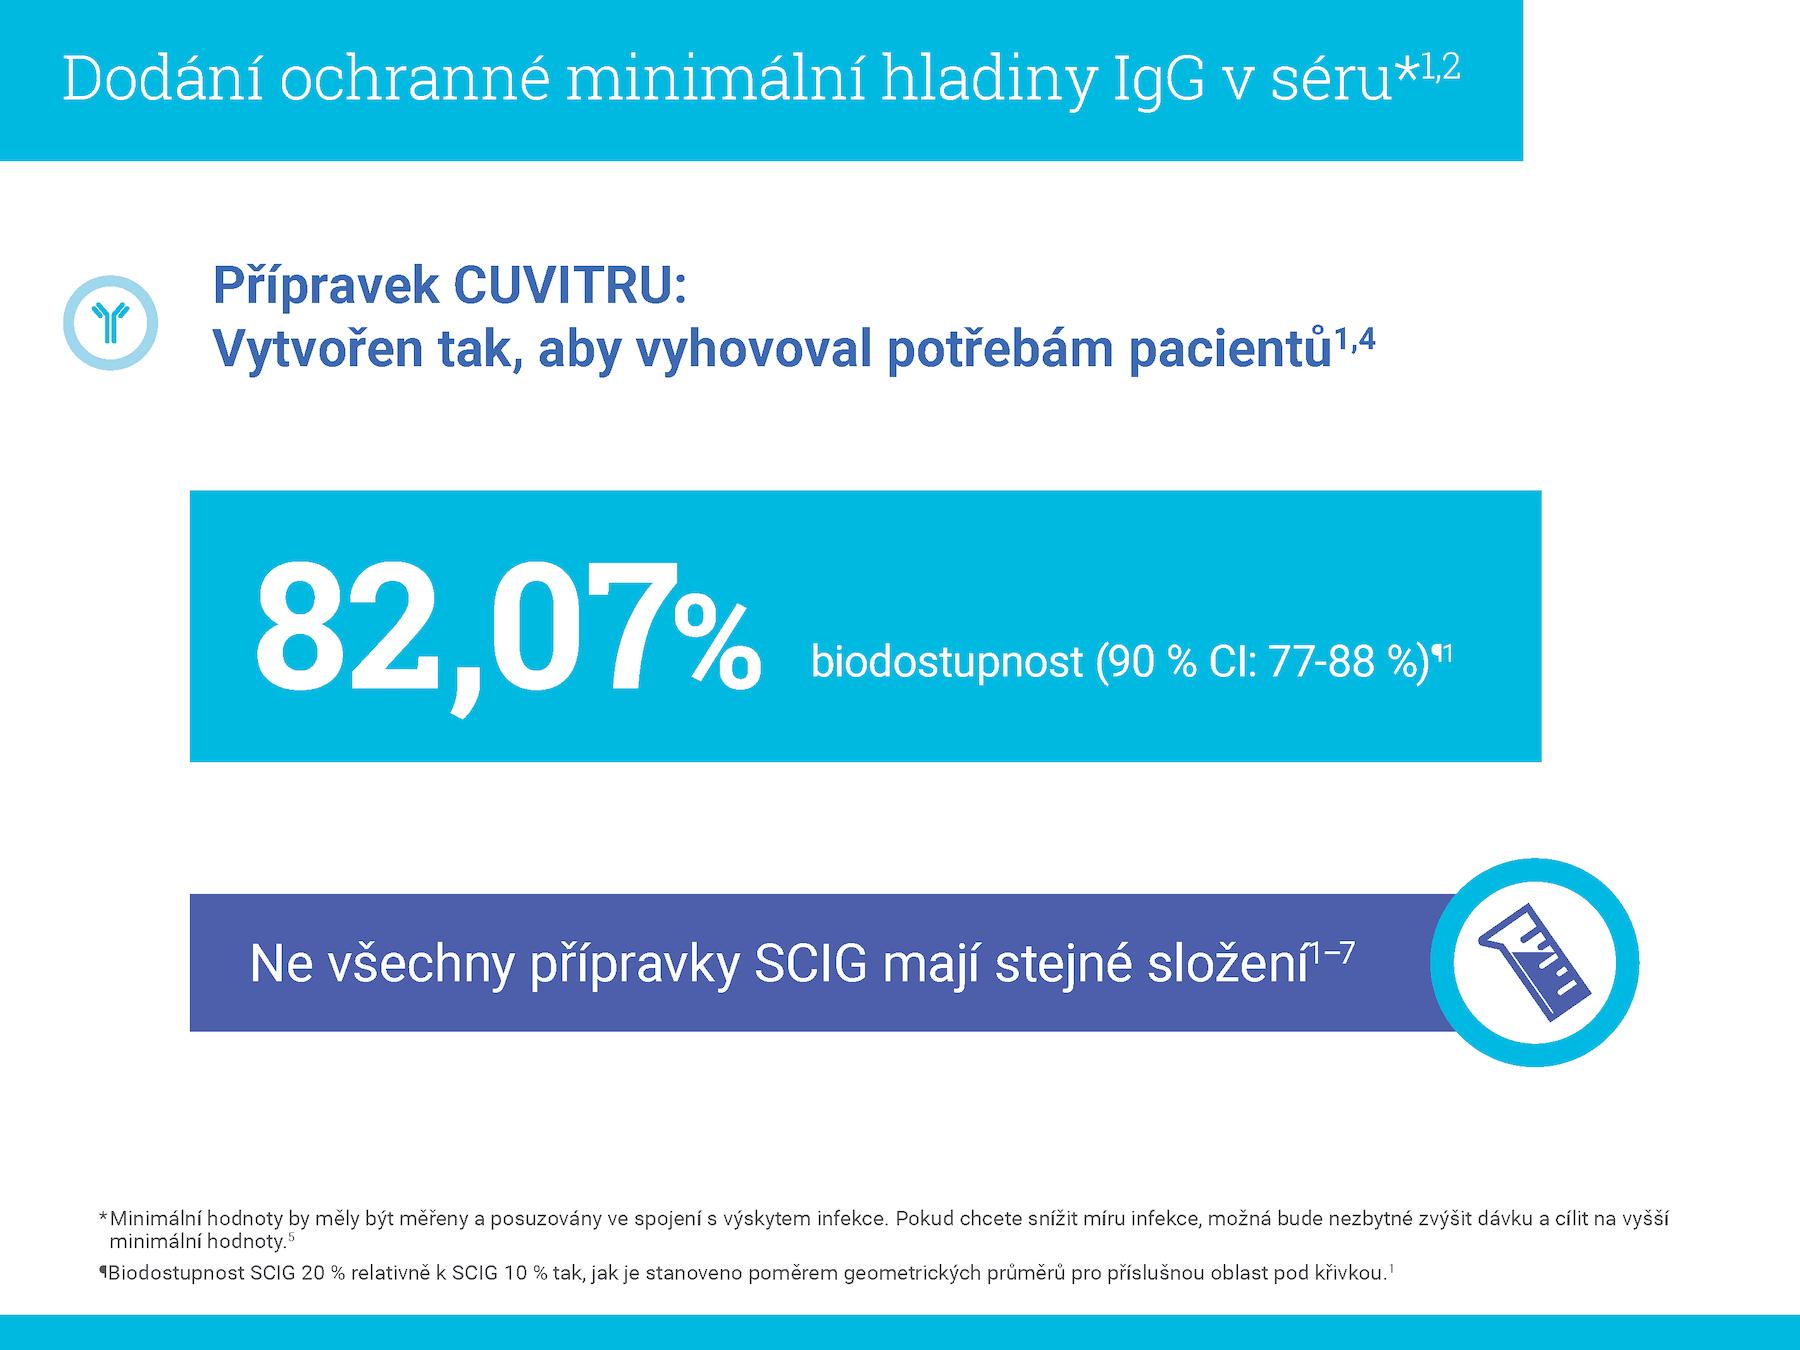 Přípravek Cuvitru: Individualizace léčby bez narušení ochrany vašich PID pacientů před infekcí